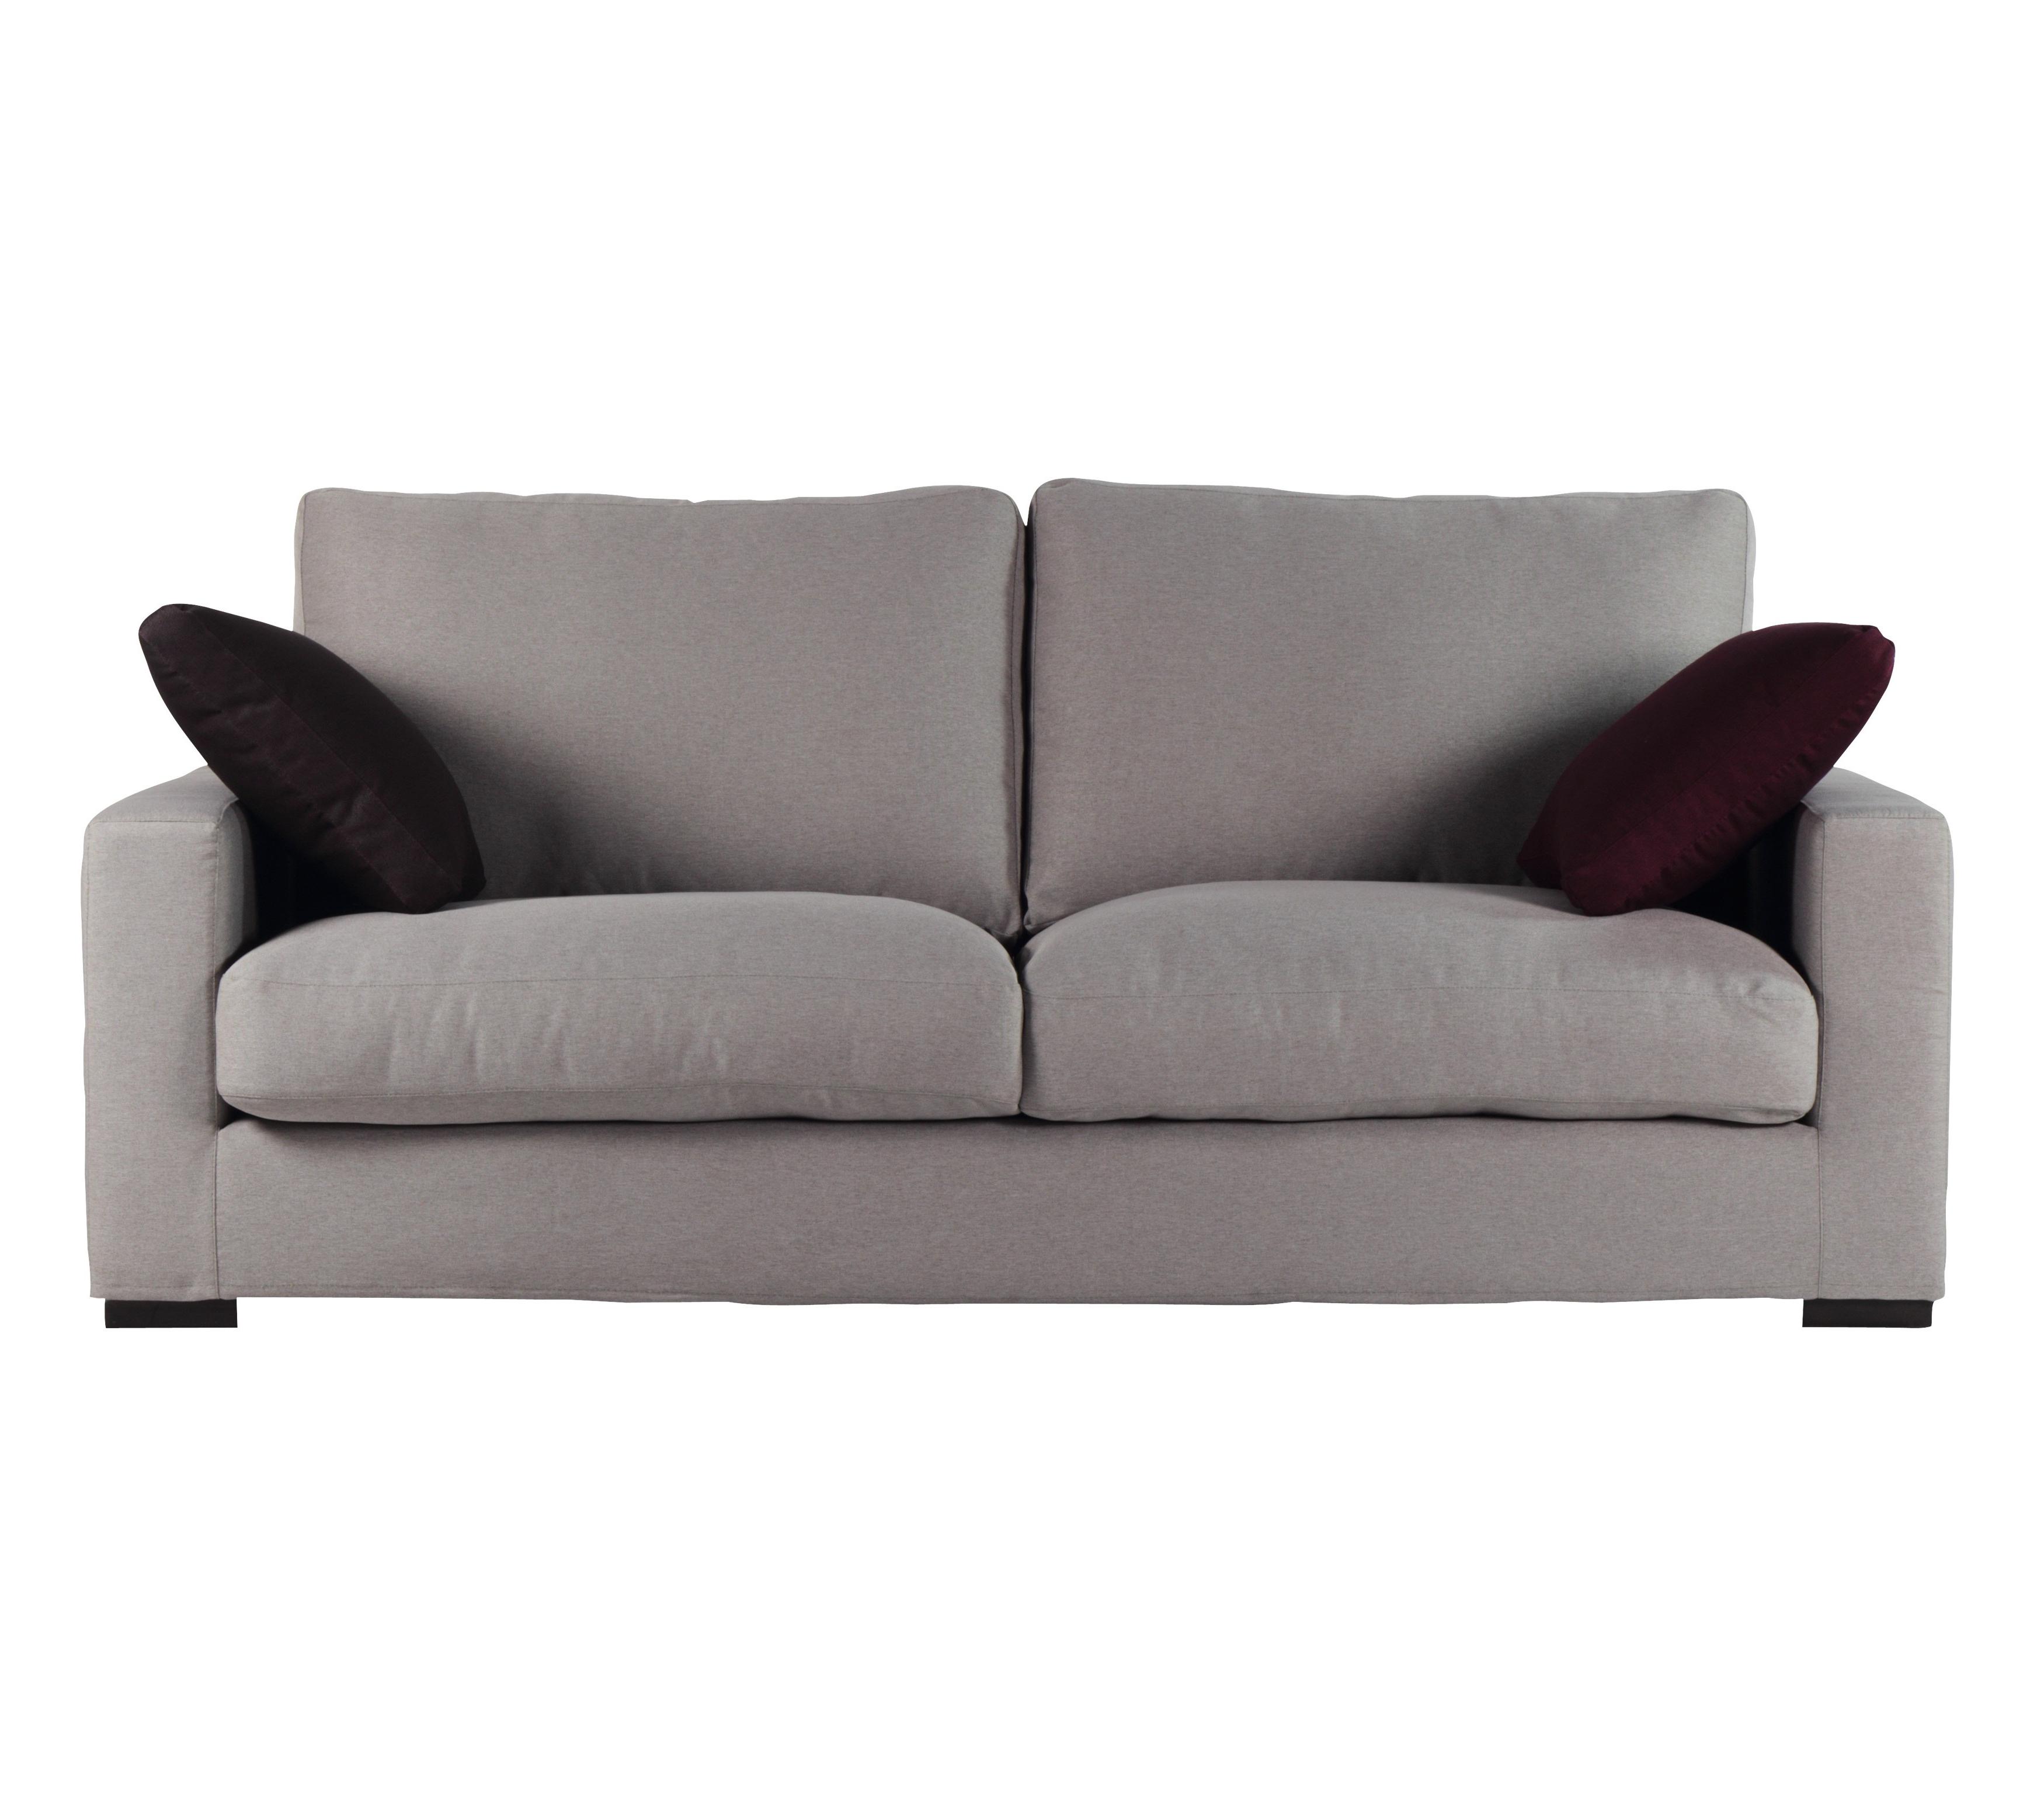 Sofa Extensible 3 Plazas Bqdd sofà S 3 Plazas Camino A Casa Camino A Casa